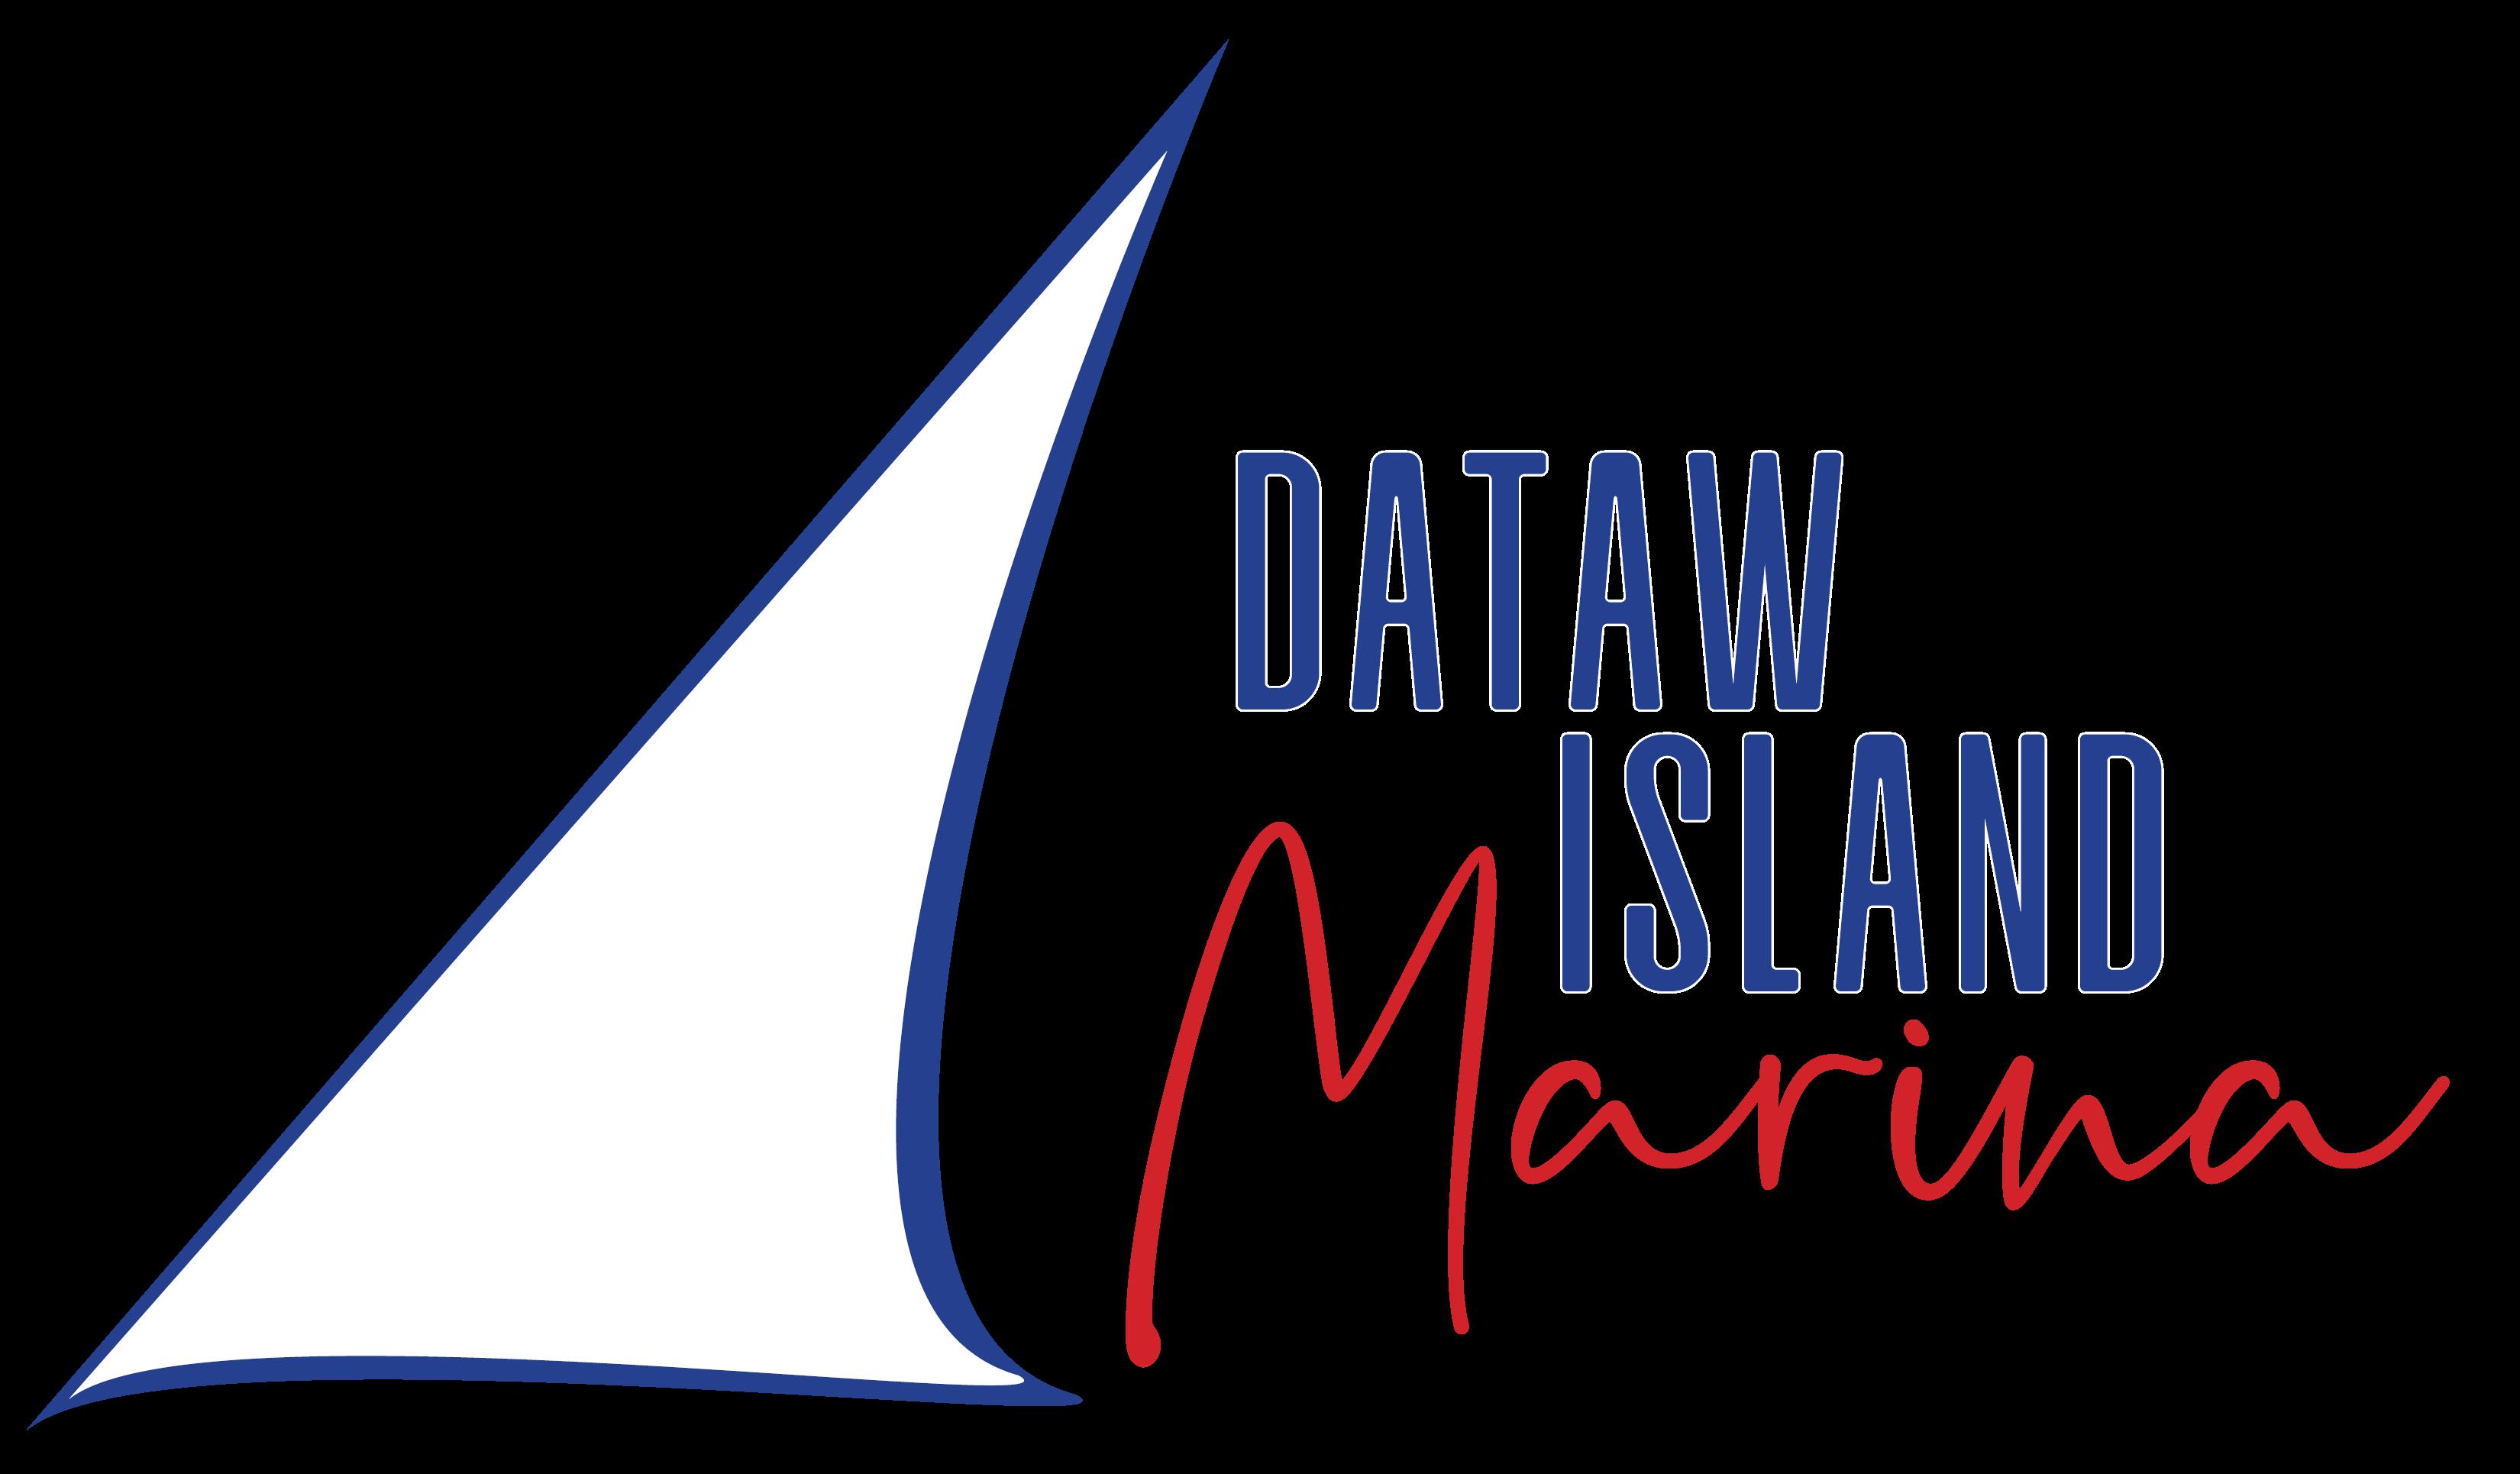 Dataw Marina